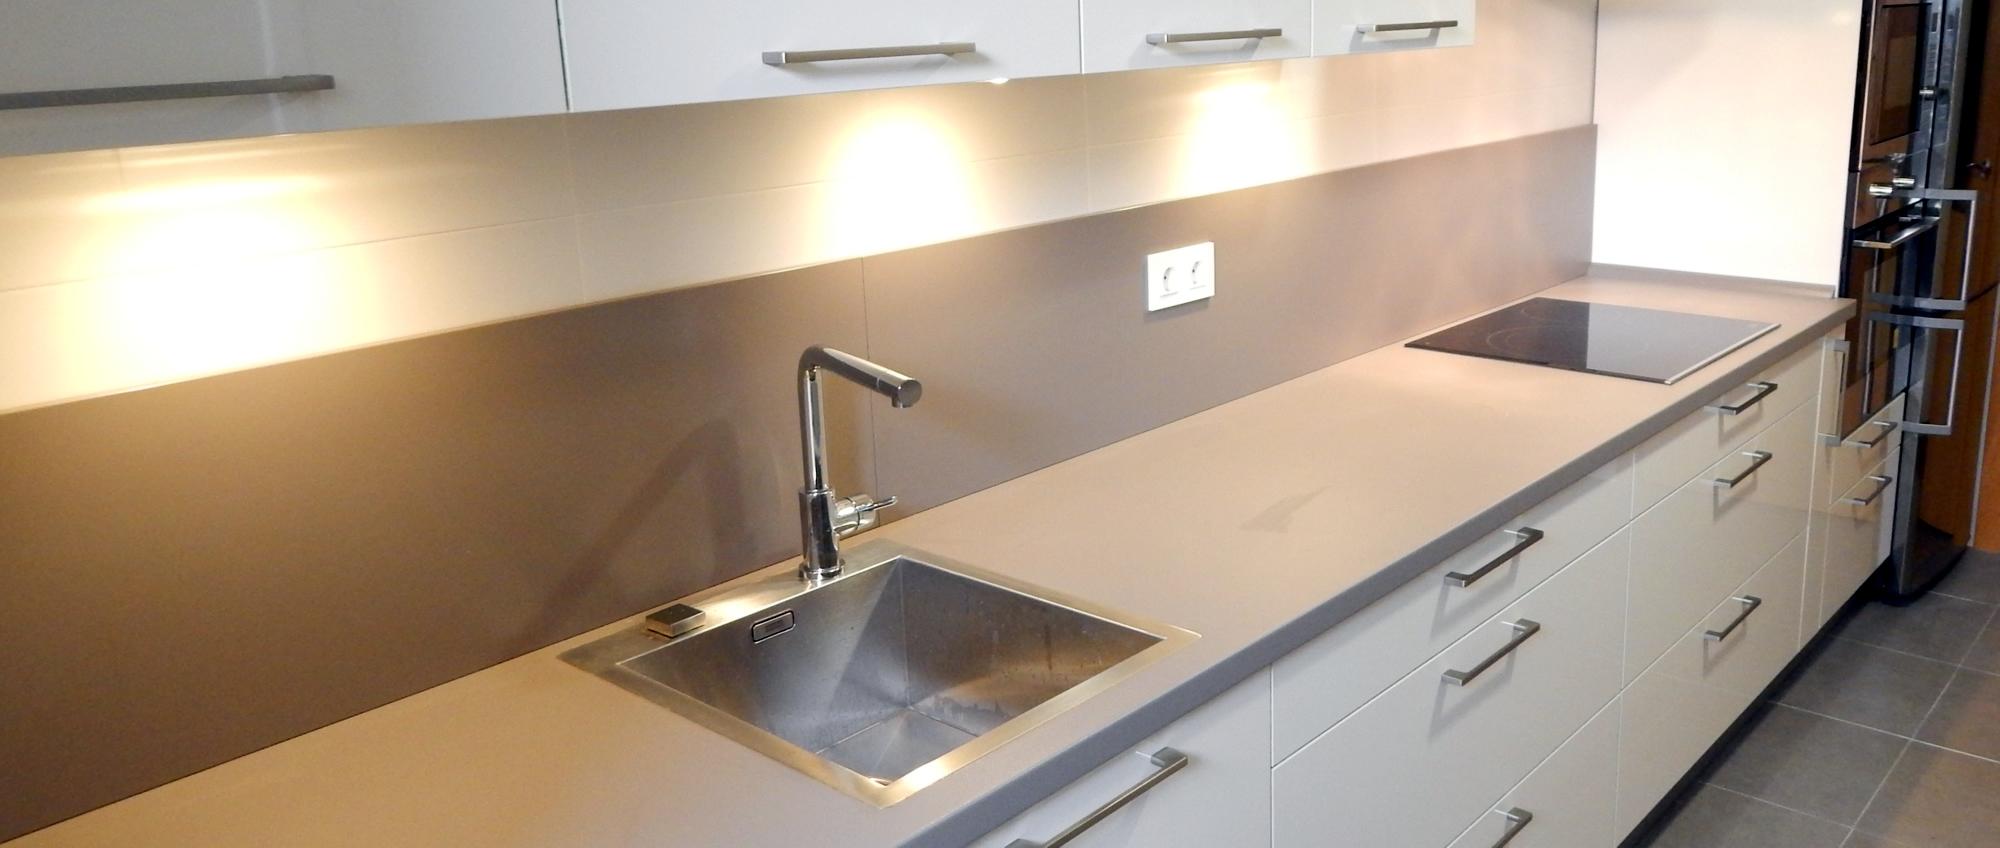 Muebles de cocina magnolia alto brillo for Muebles de cocina nectali